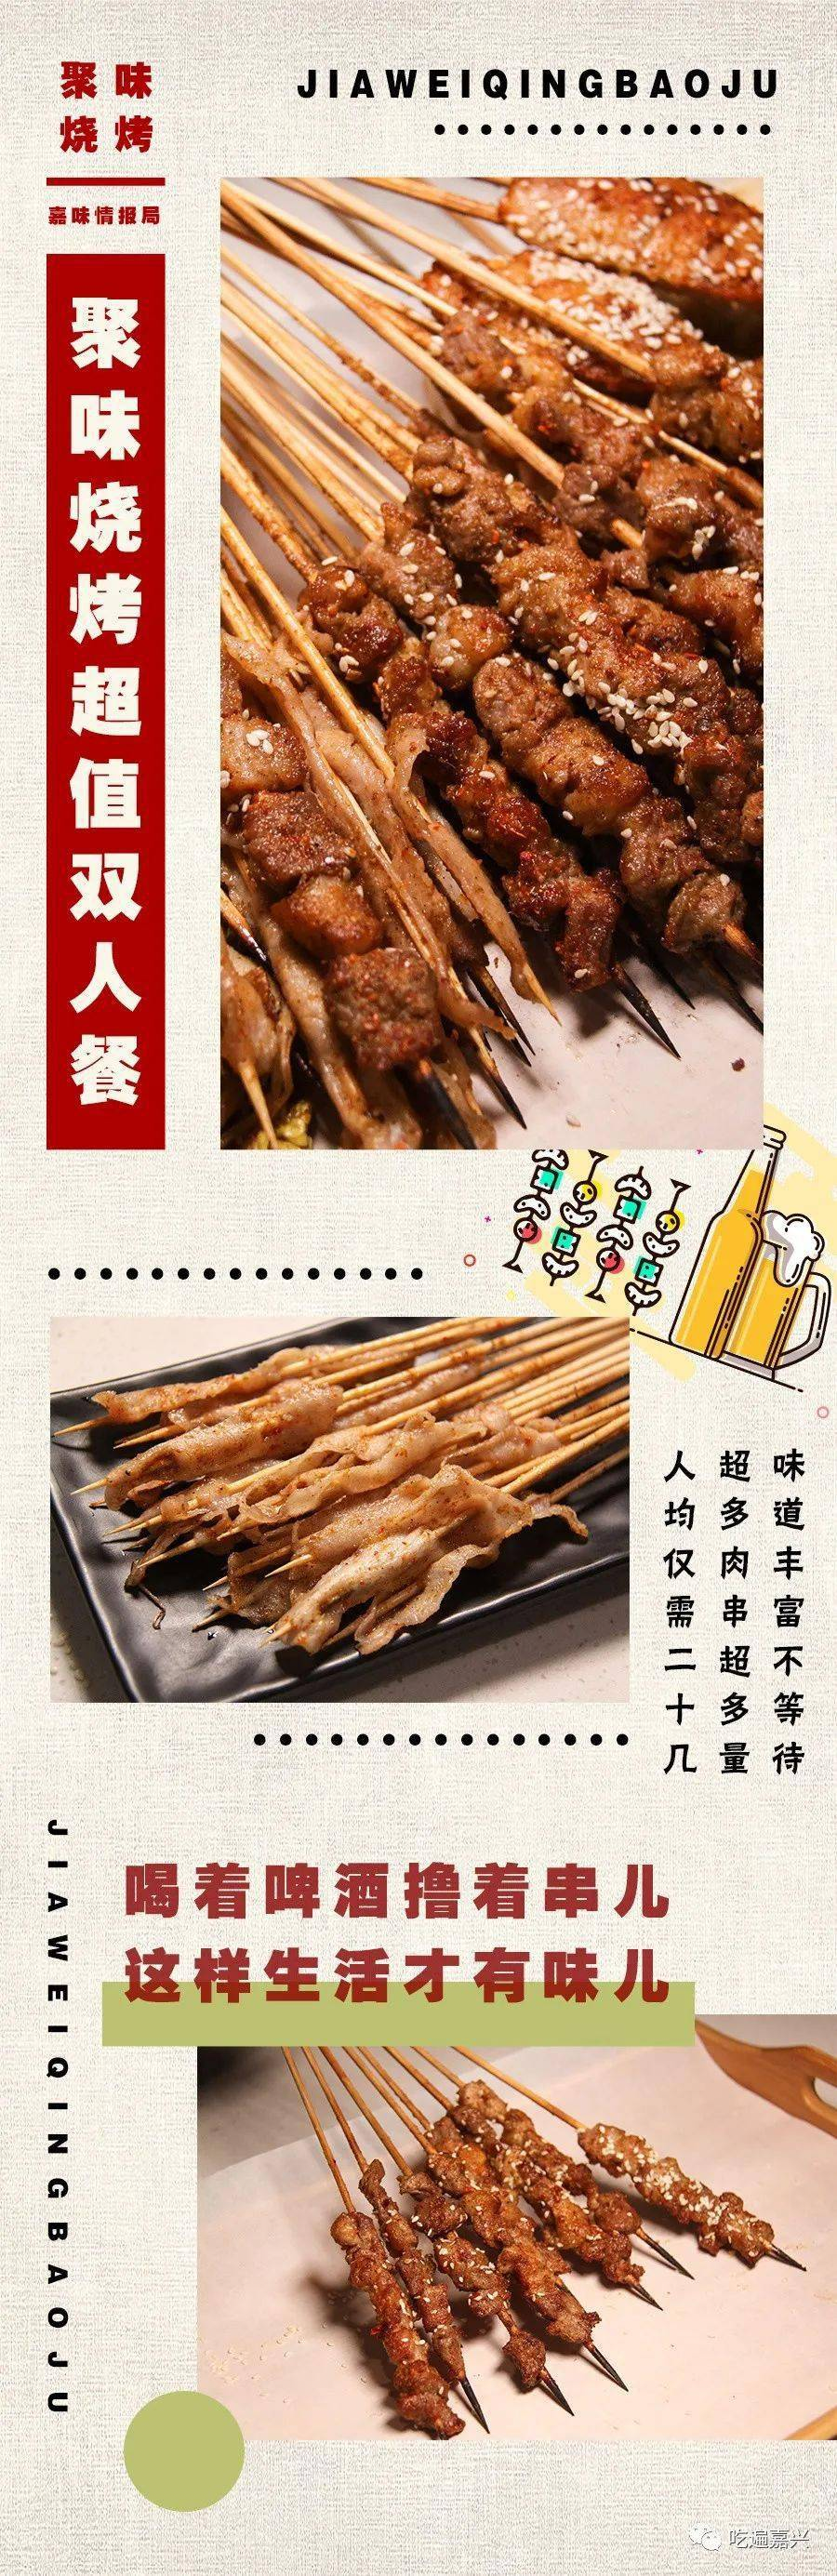 珍珠广场[聚威烧烤] 59元烧烤双人晚餐,抢到=赚到!